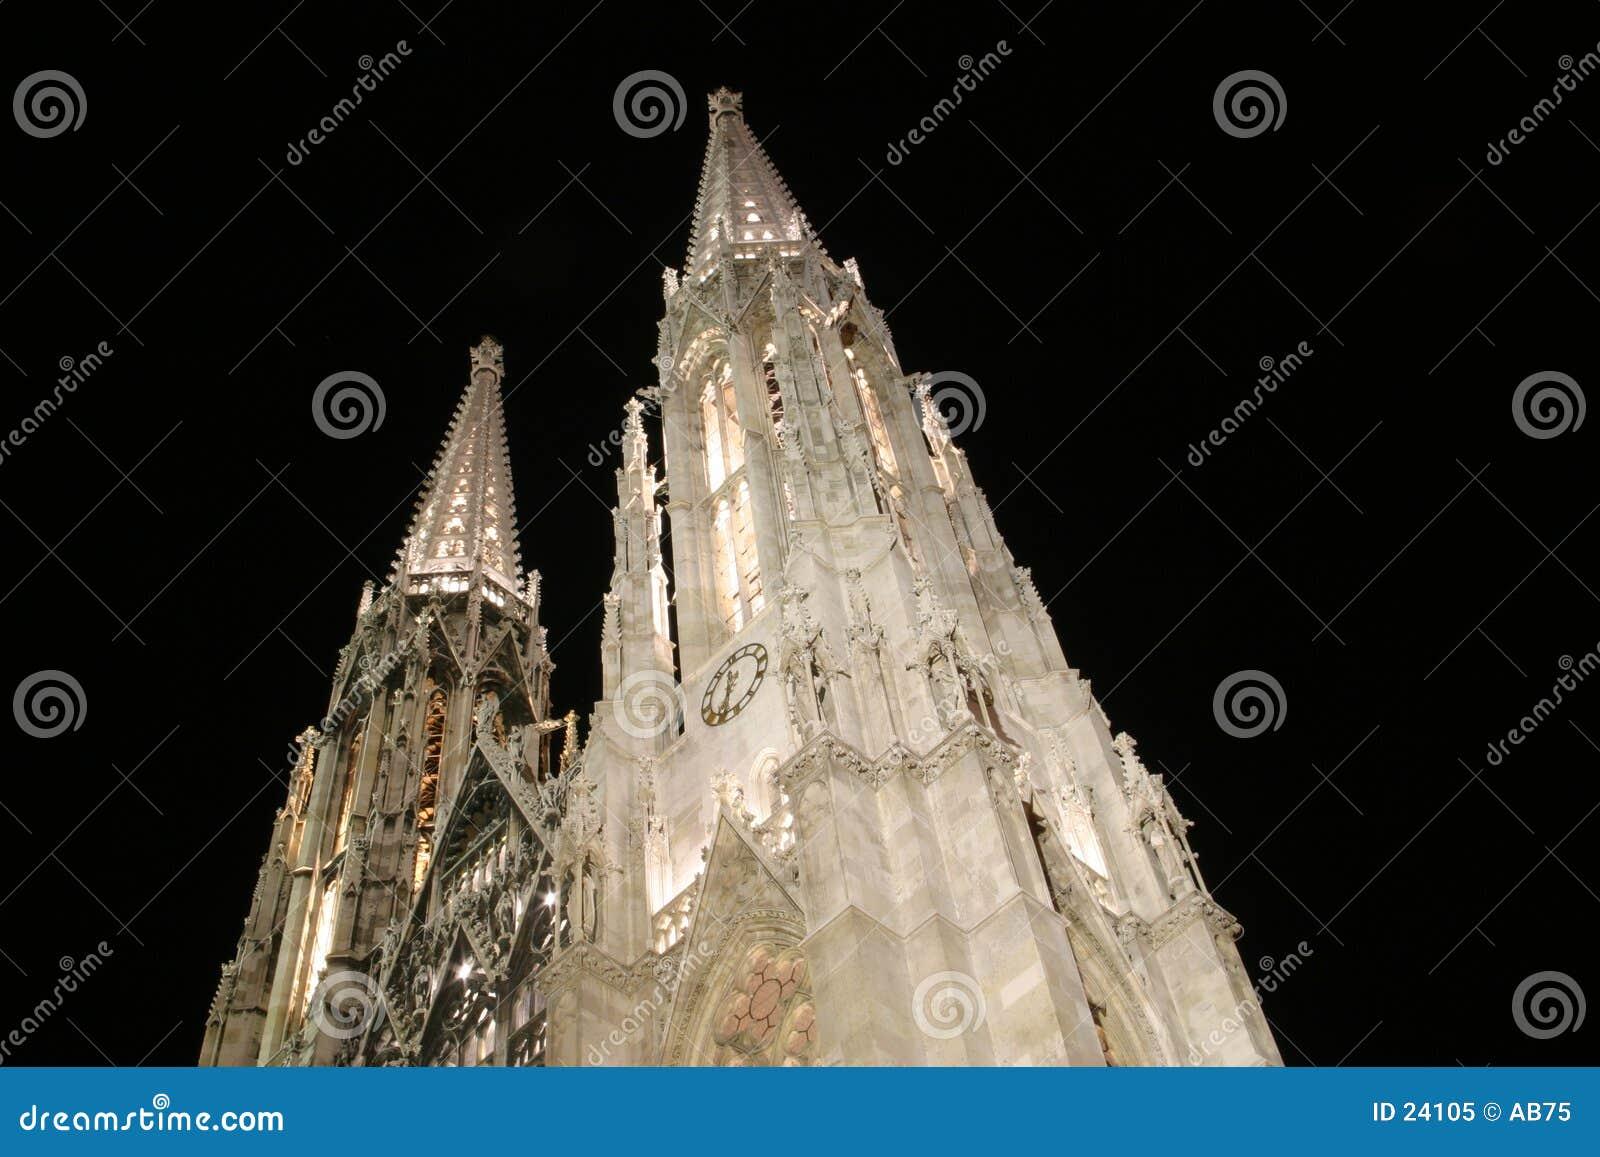 Chiesa a Vienna - Votiv Kirche